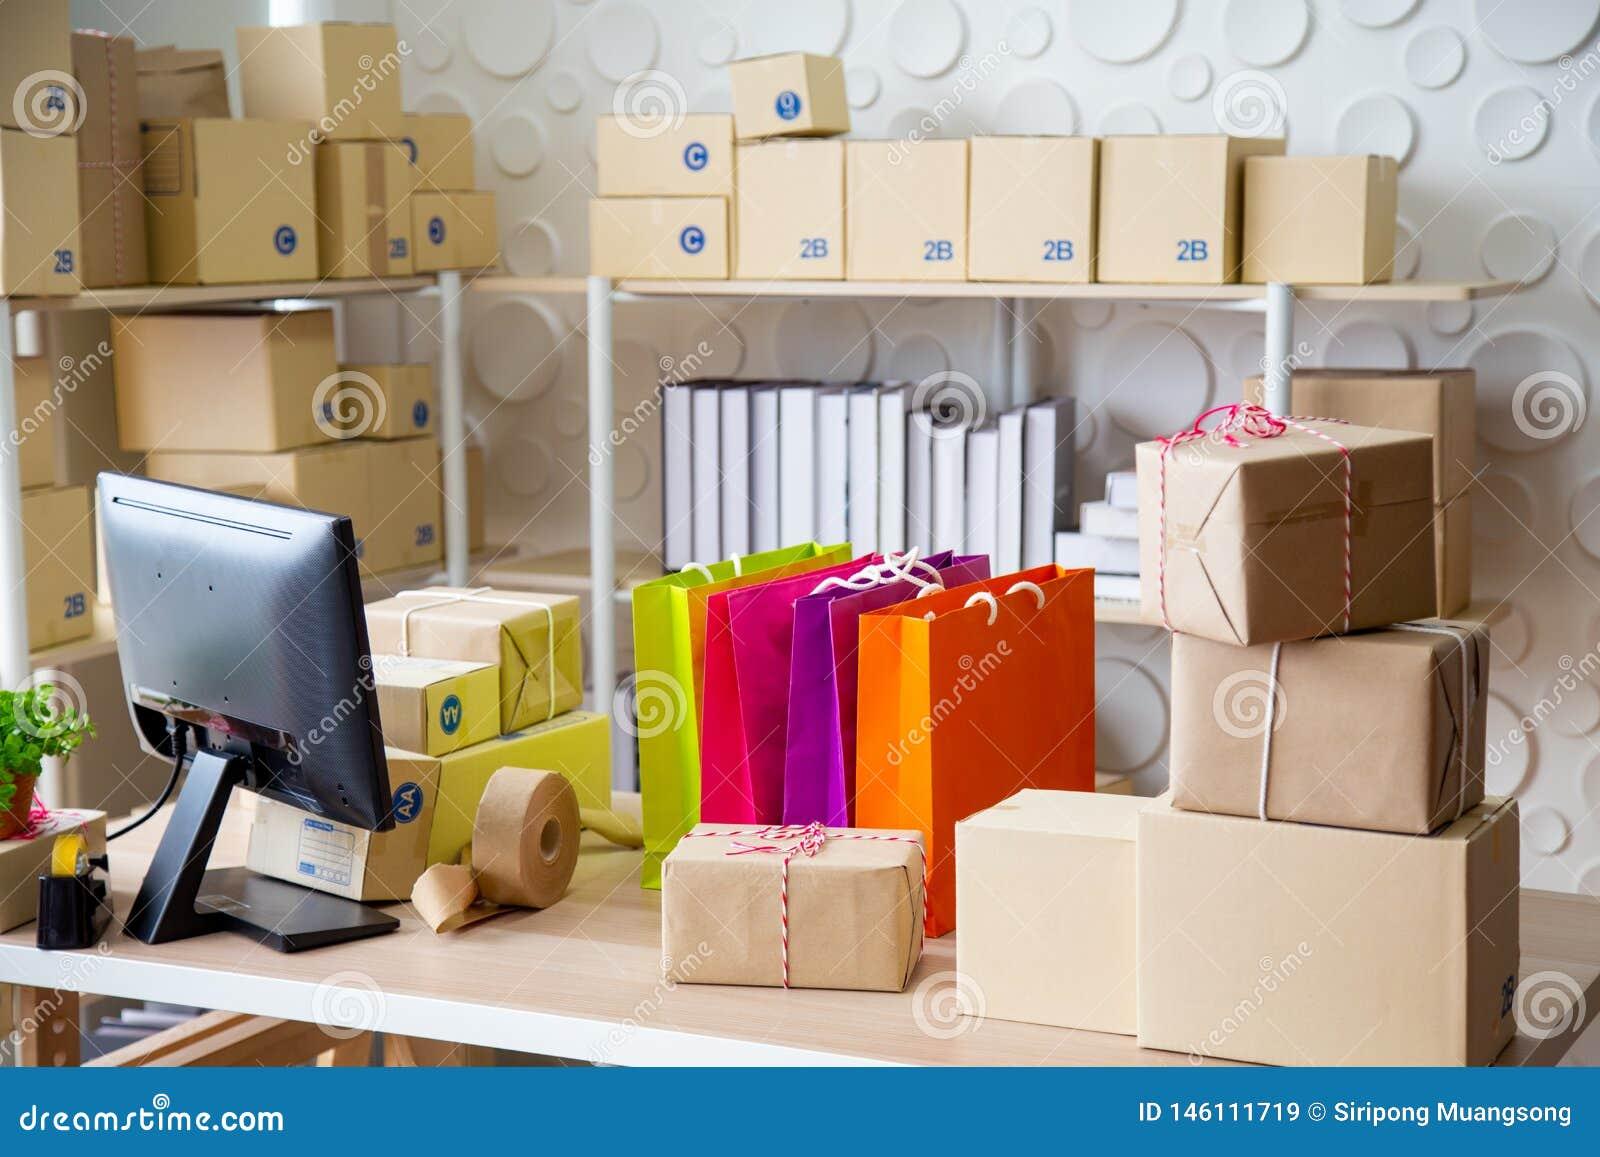 Het MKB, Opslag voor bereidt product voor naar klant wordt verzonden die